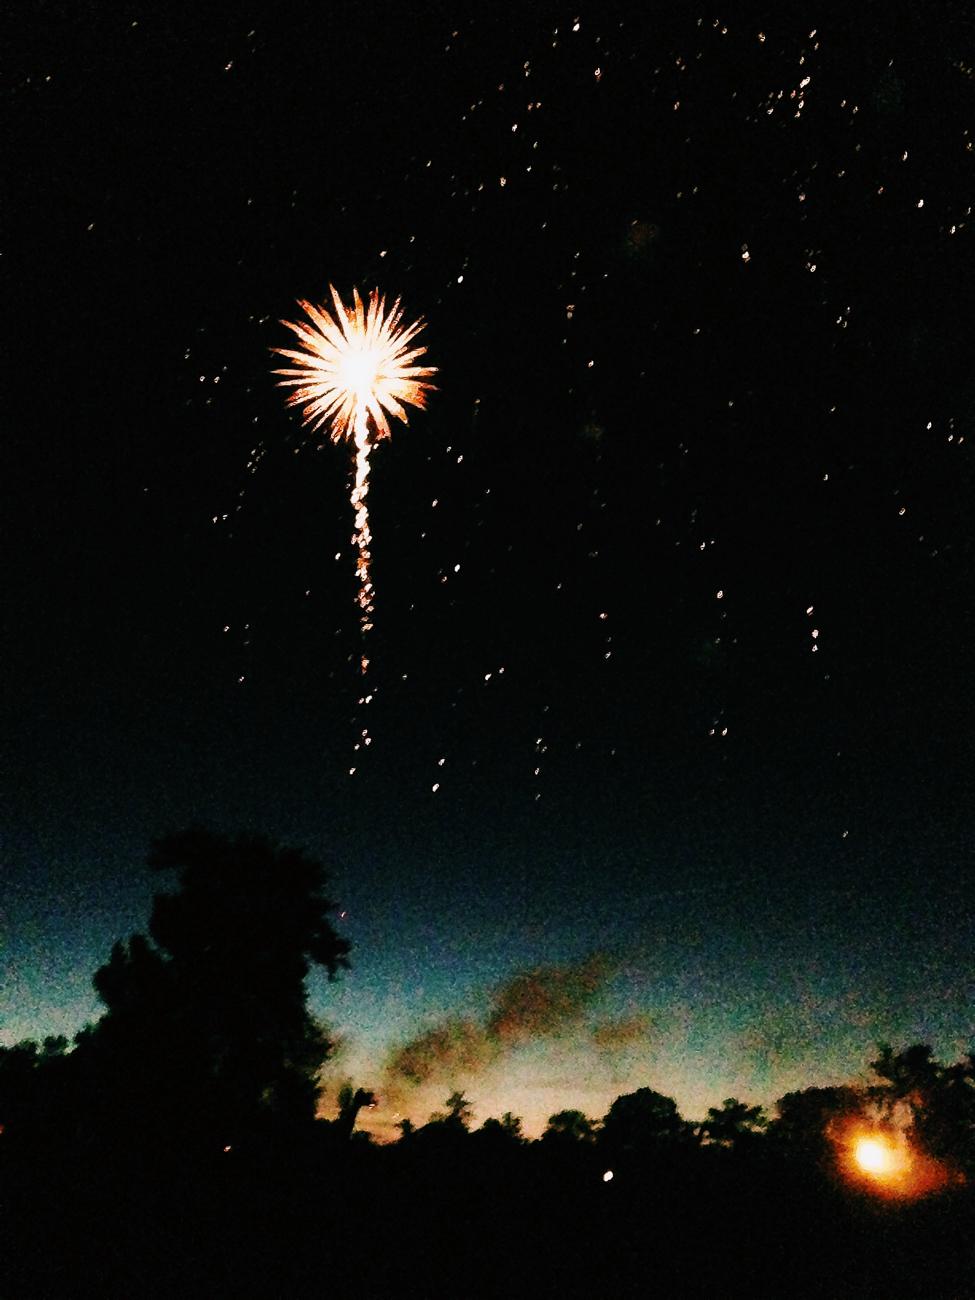 photo fine art projet mémoire de rêvelise rohart - feu d'artifice avec étoile montante.jpg